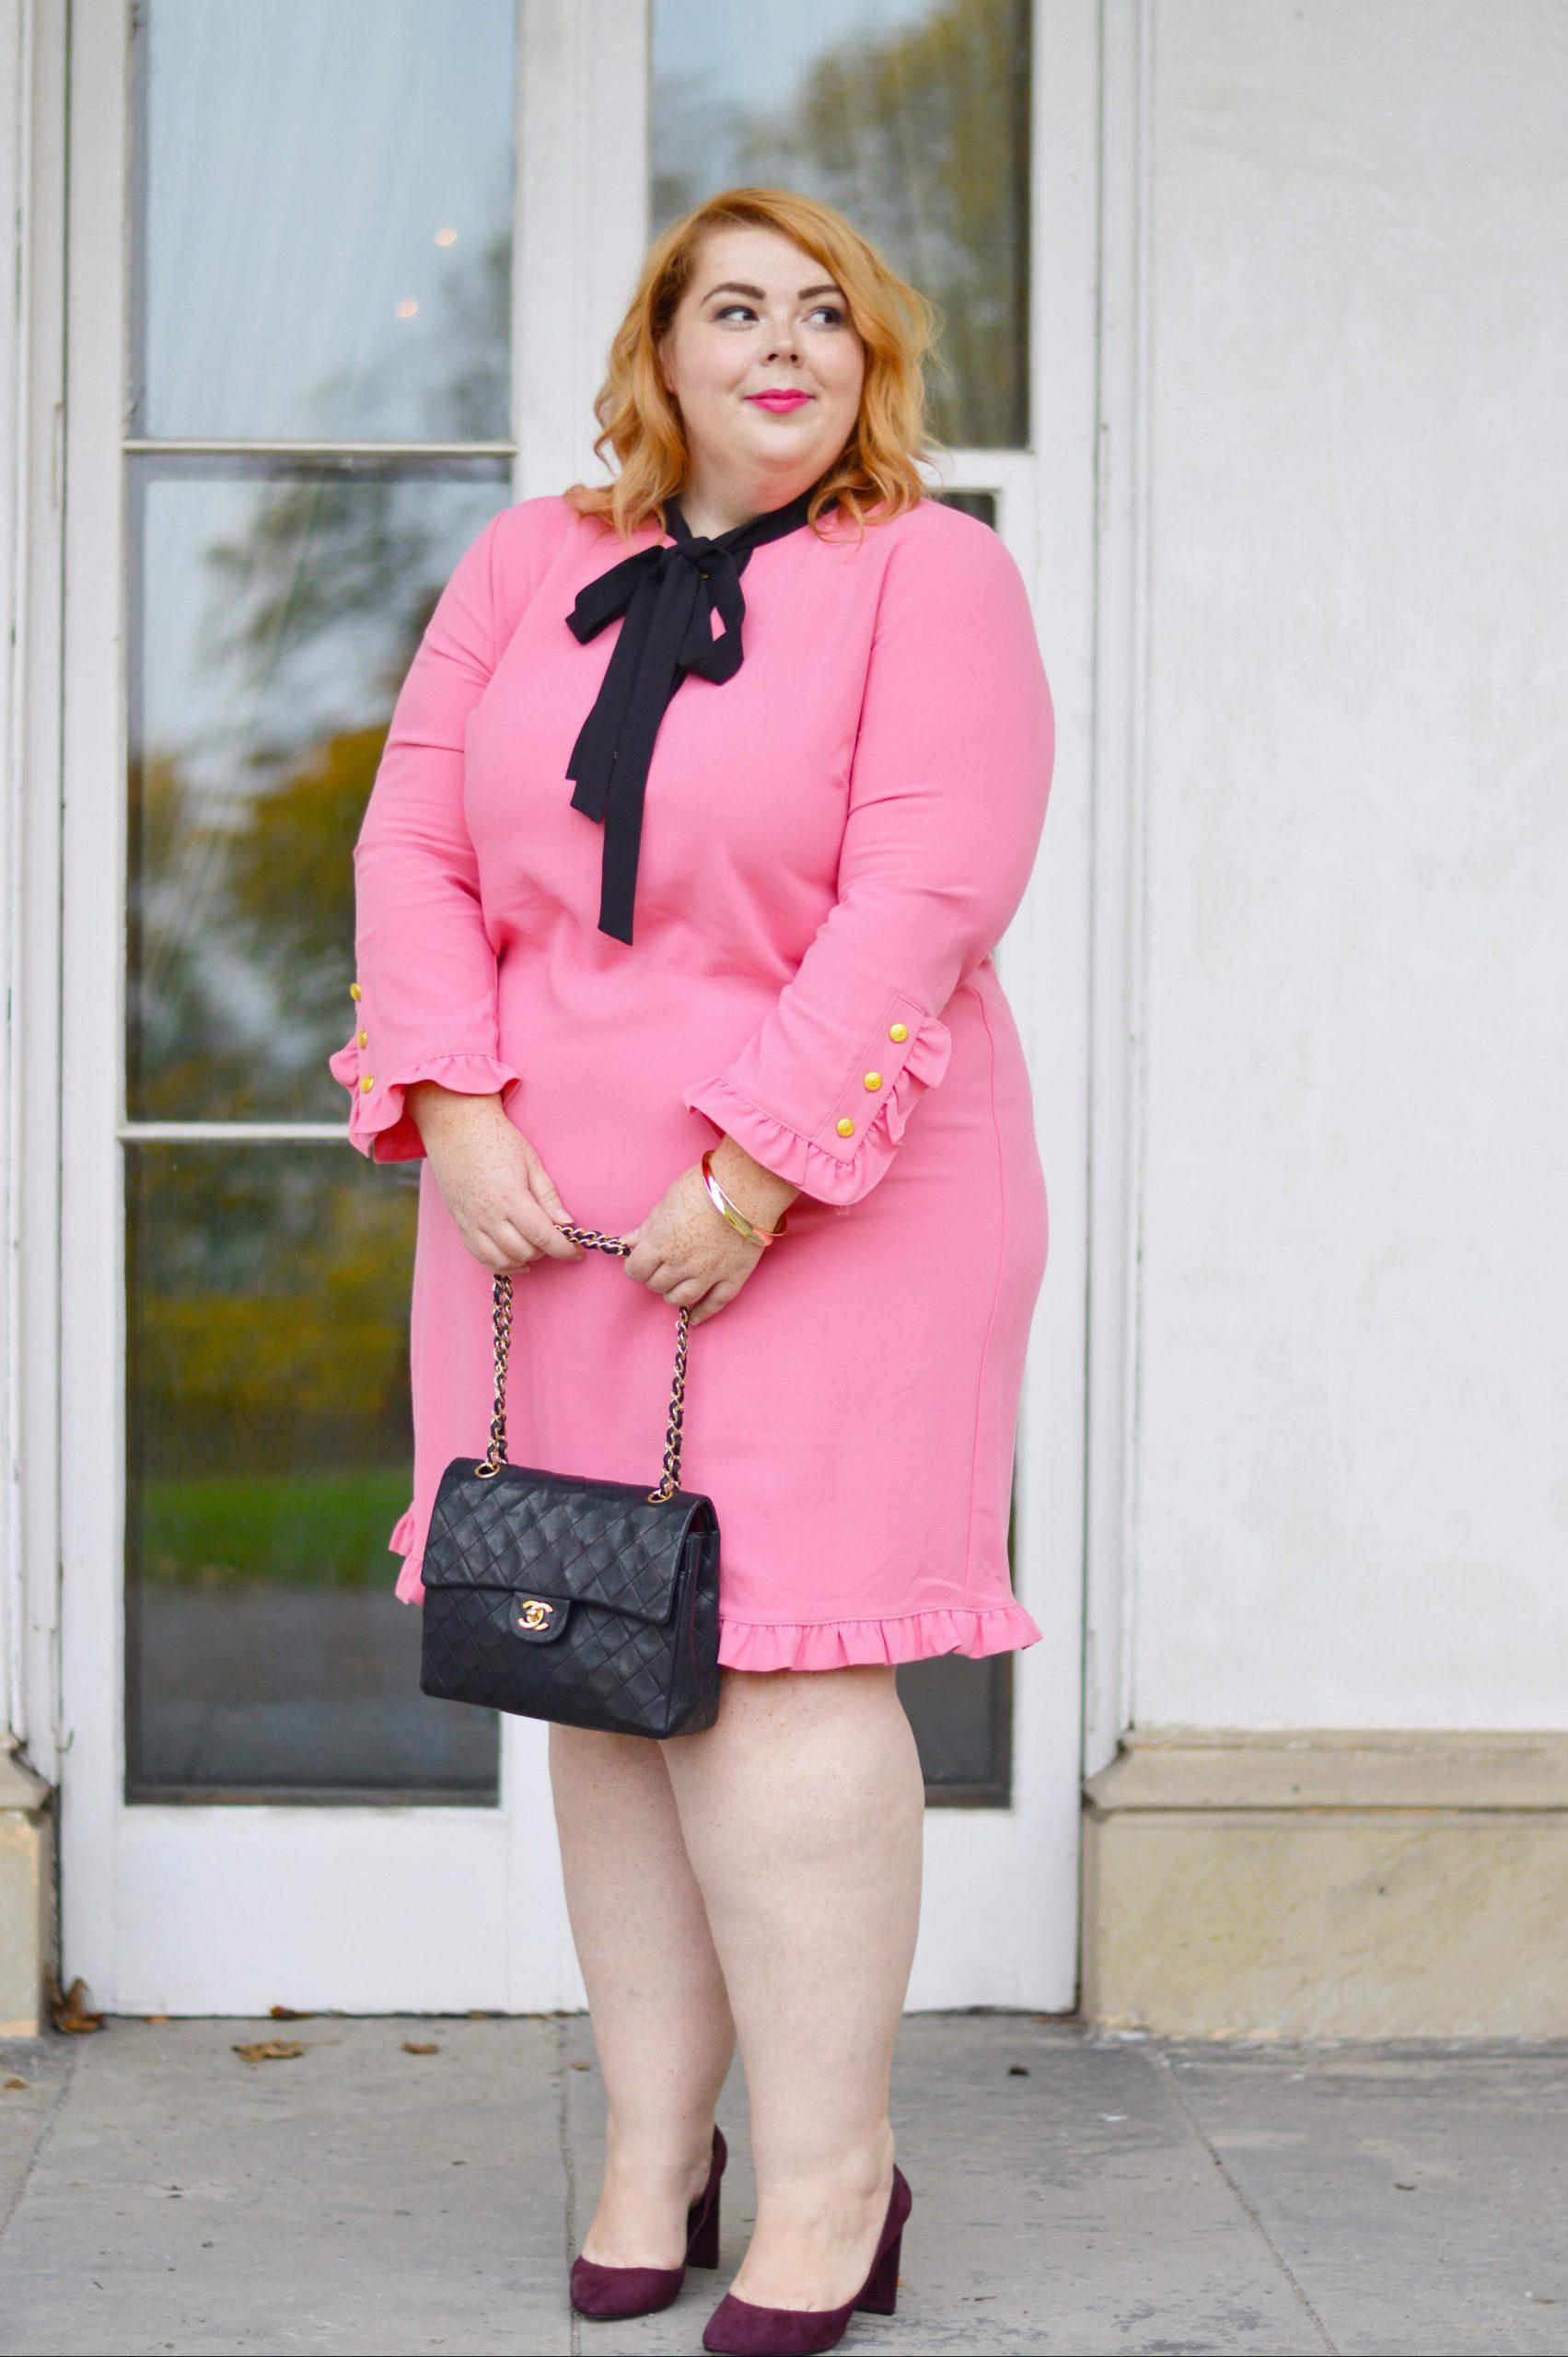 Plus Size Fashion Blogger Spotlight on Amanda of Latest Wrinkle